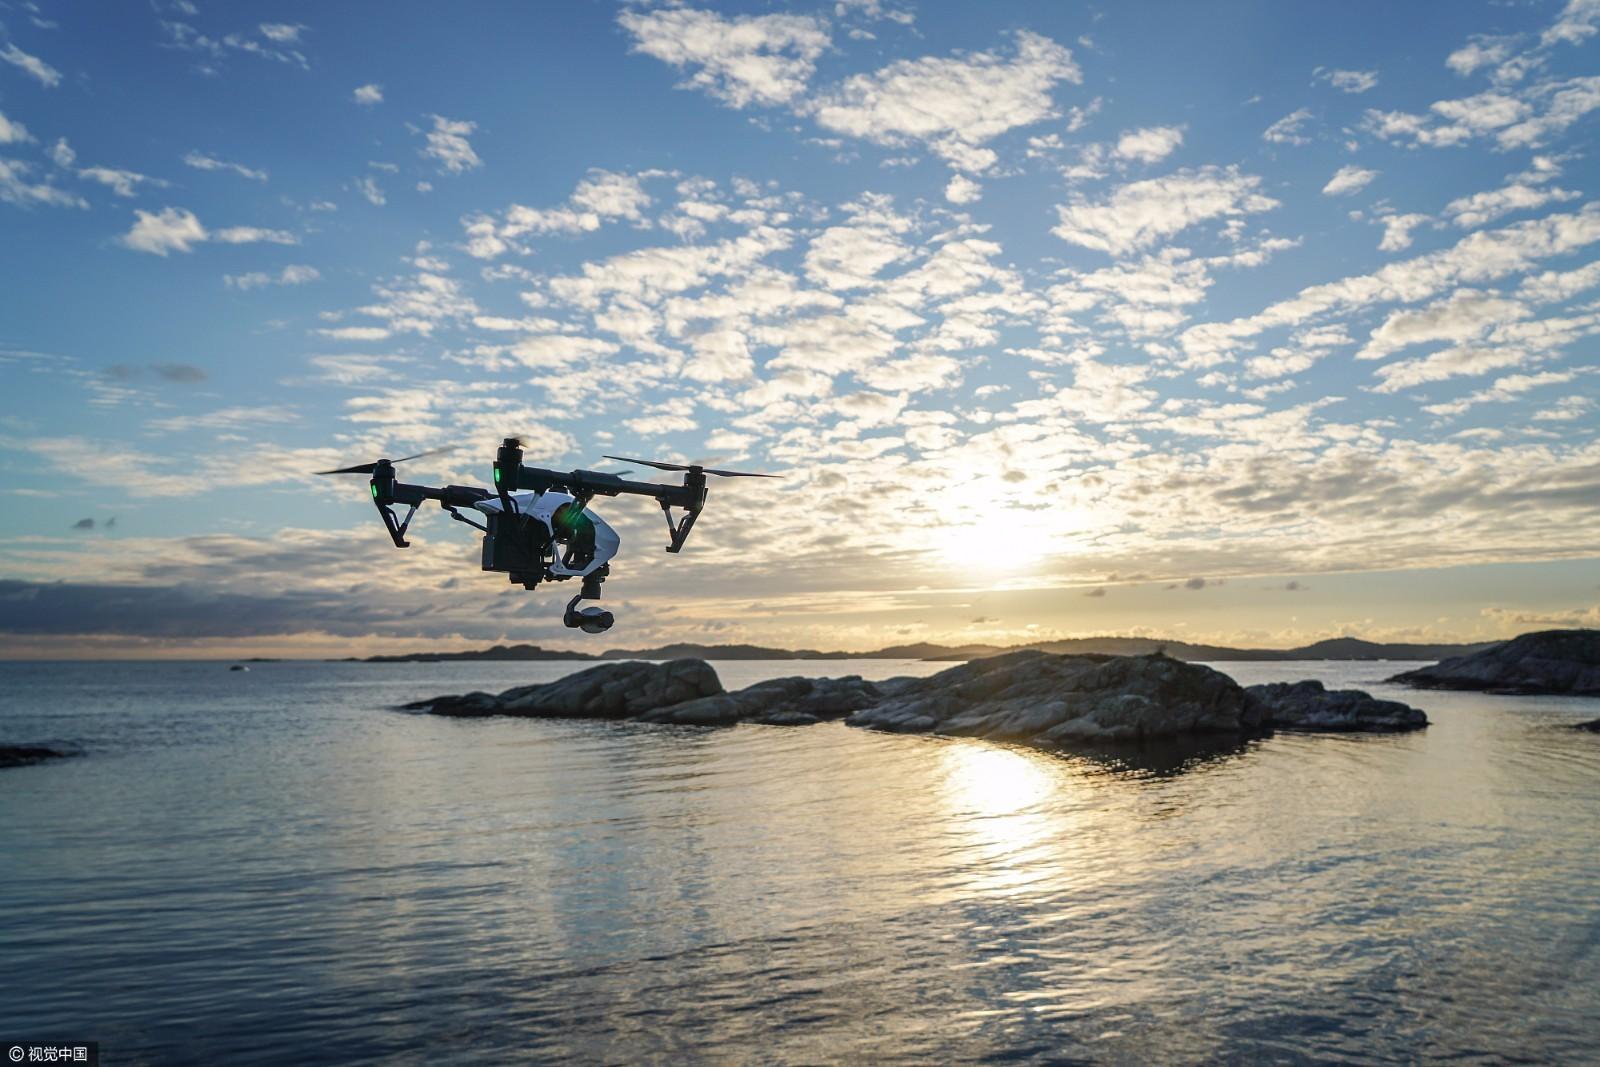 激光防御低空无人机目标的优点是什么